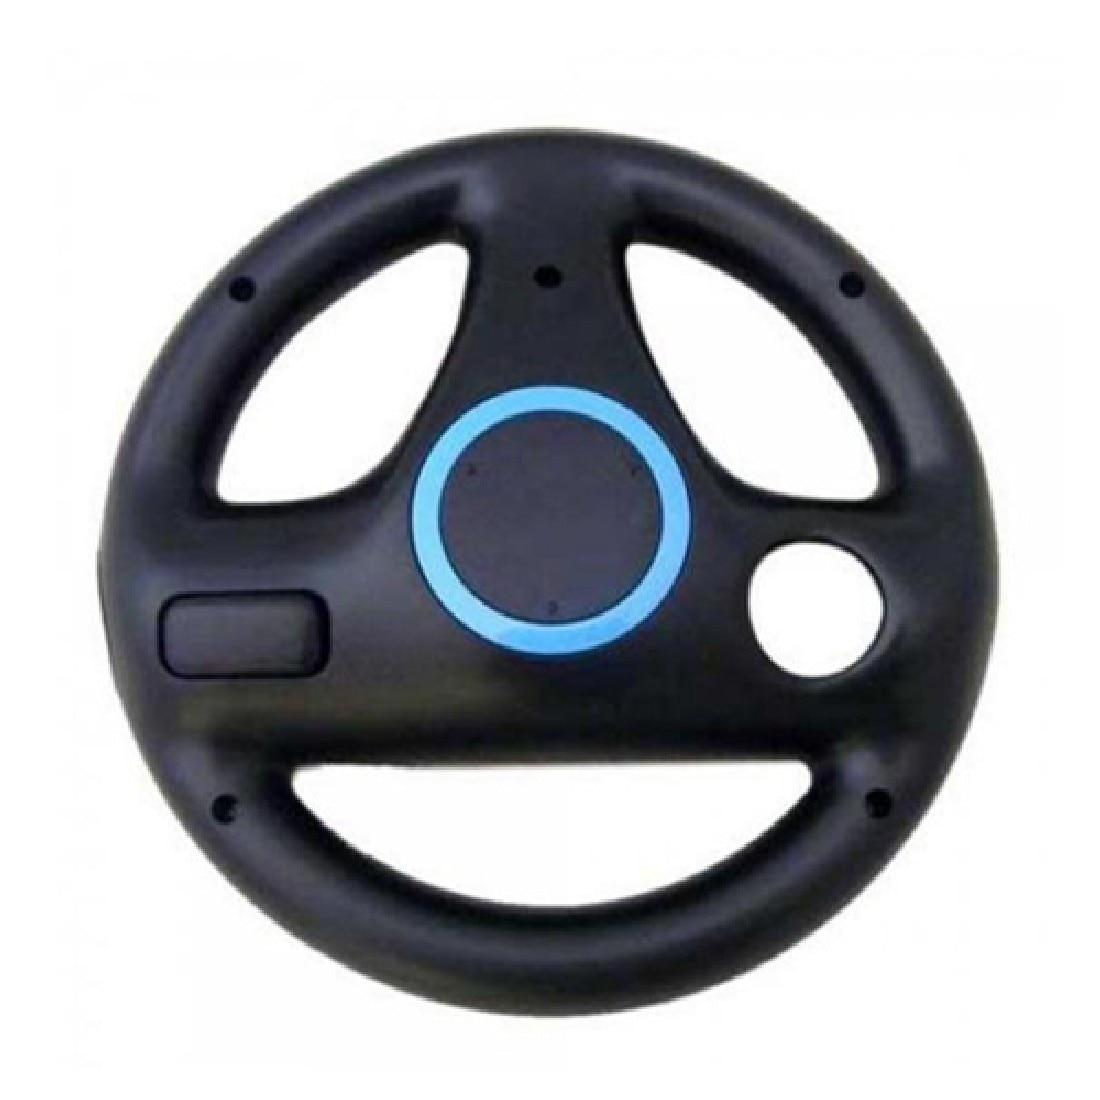 Heißer Verkauf Schwarz Lenkrad Für Nintendo Wii Mario Kart Racing Top Qualität Spiele Fernbedienung